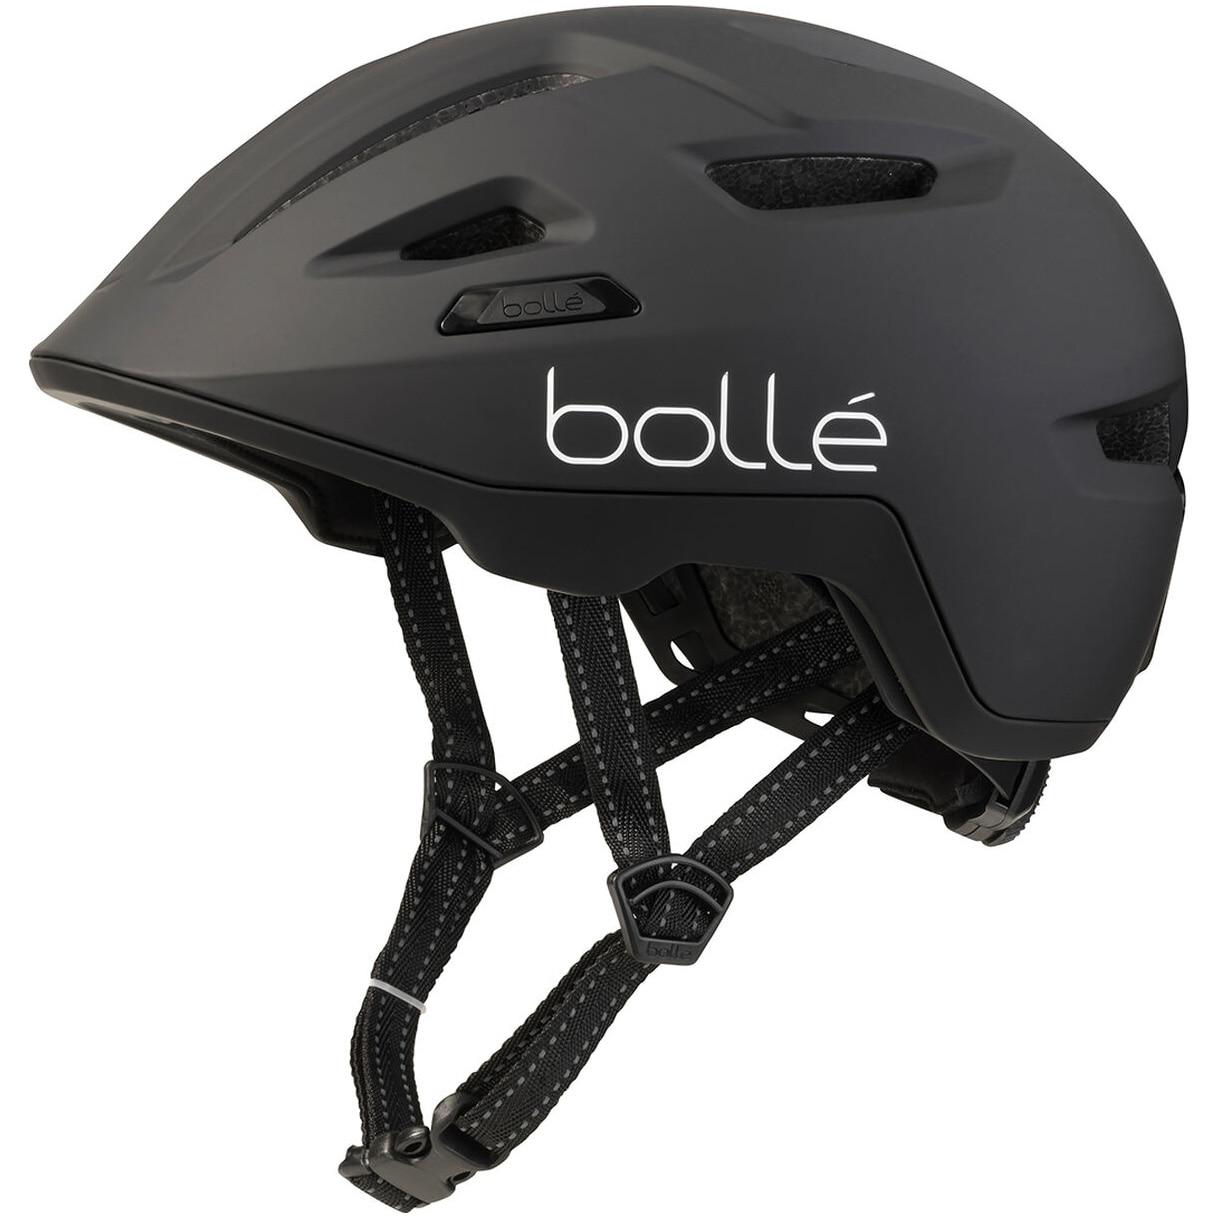 Fotografie Casca ciclism Bolle Stance Matte Black, 55-59cm